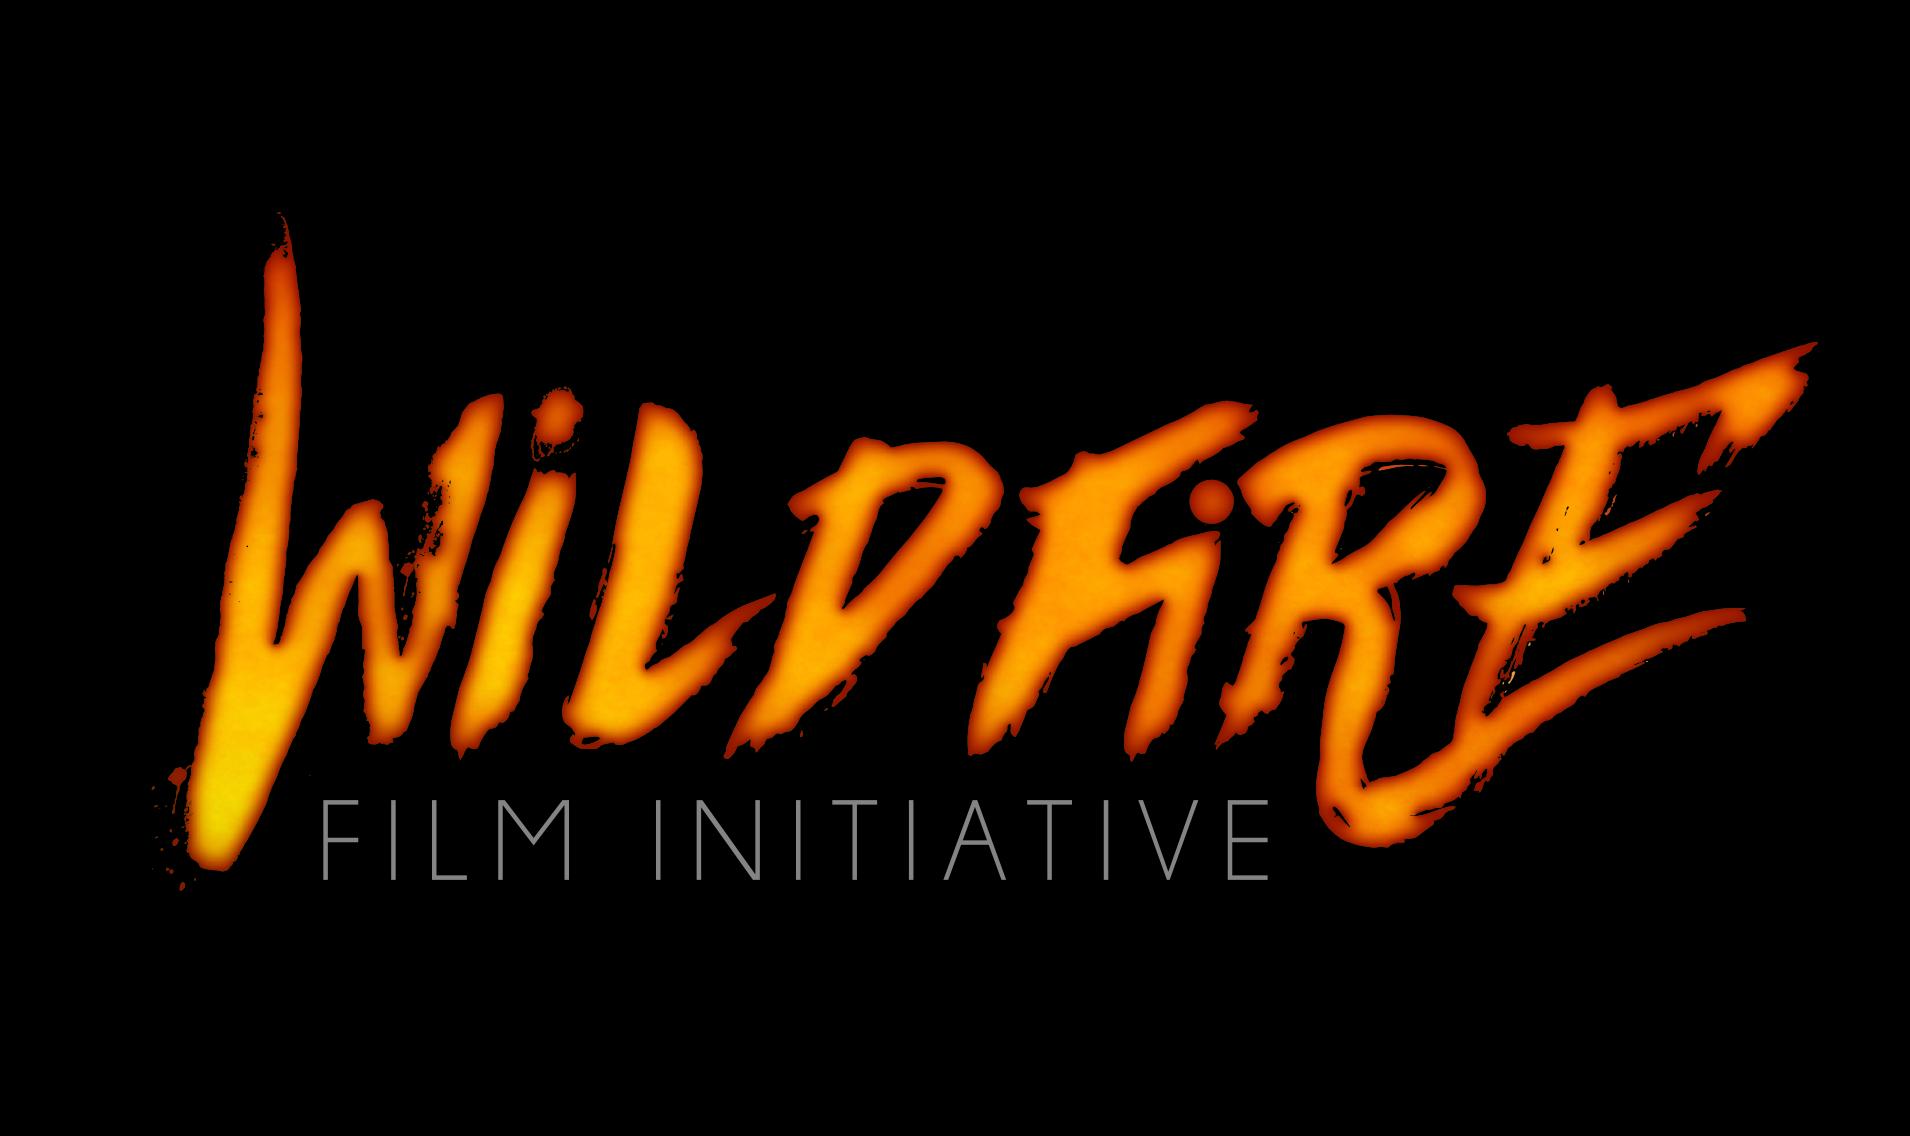 Wildfire Film Initiative.png